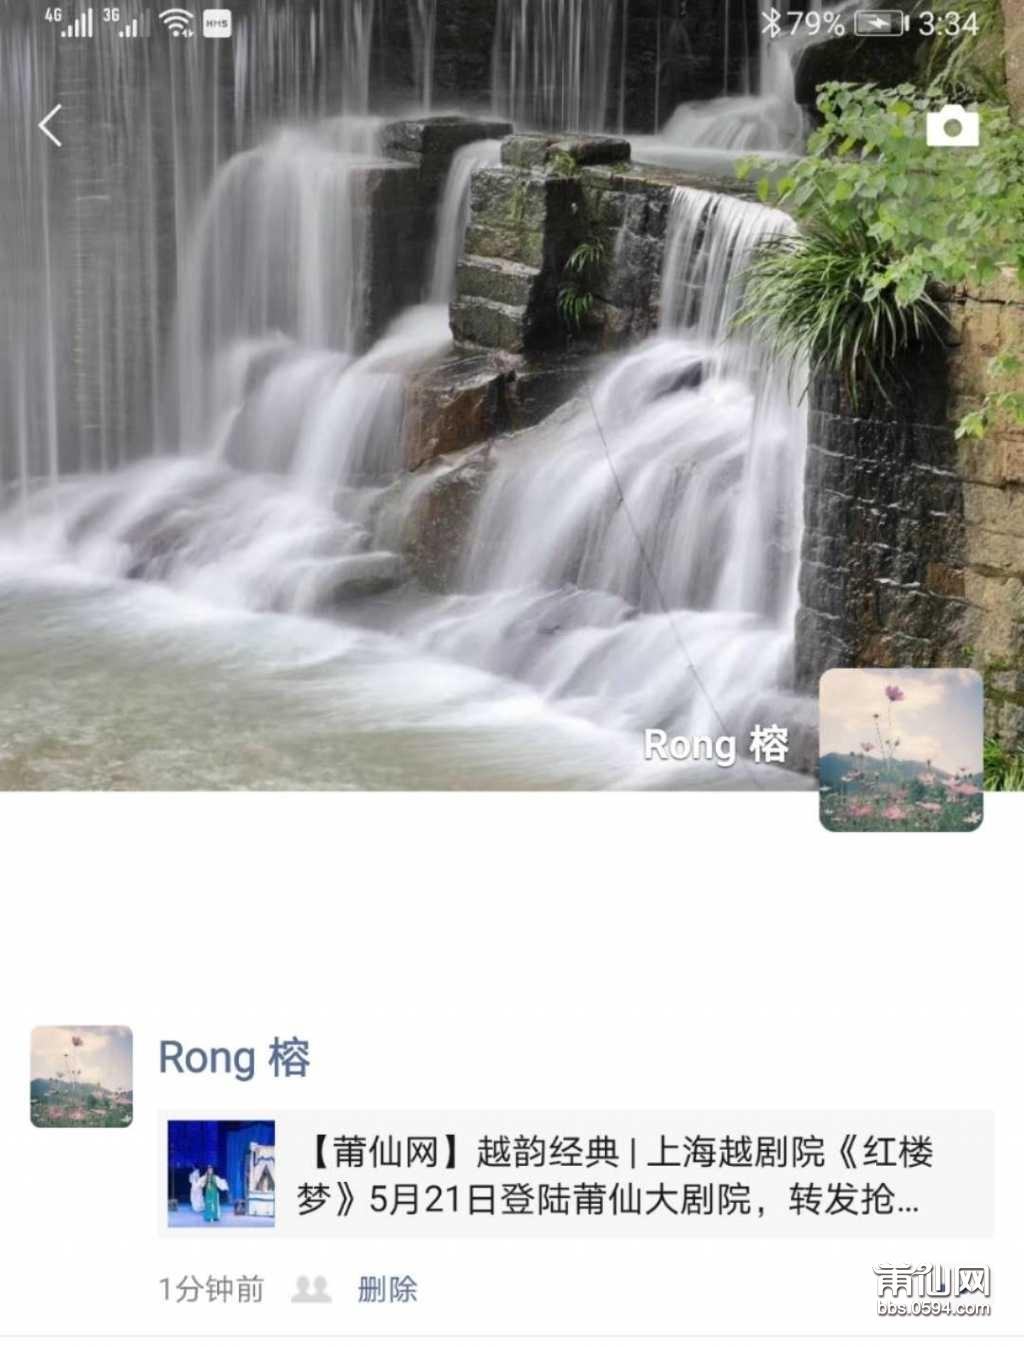 wechat_upload1620805437609b873d08610